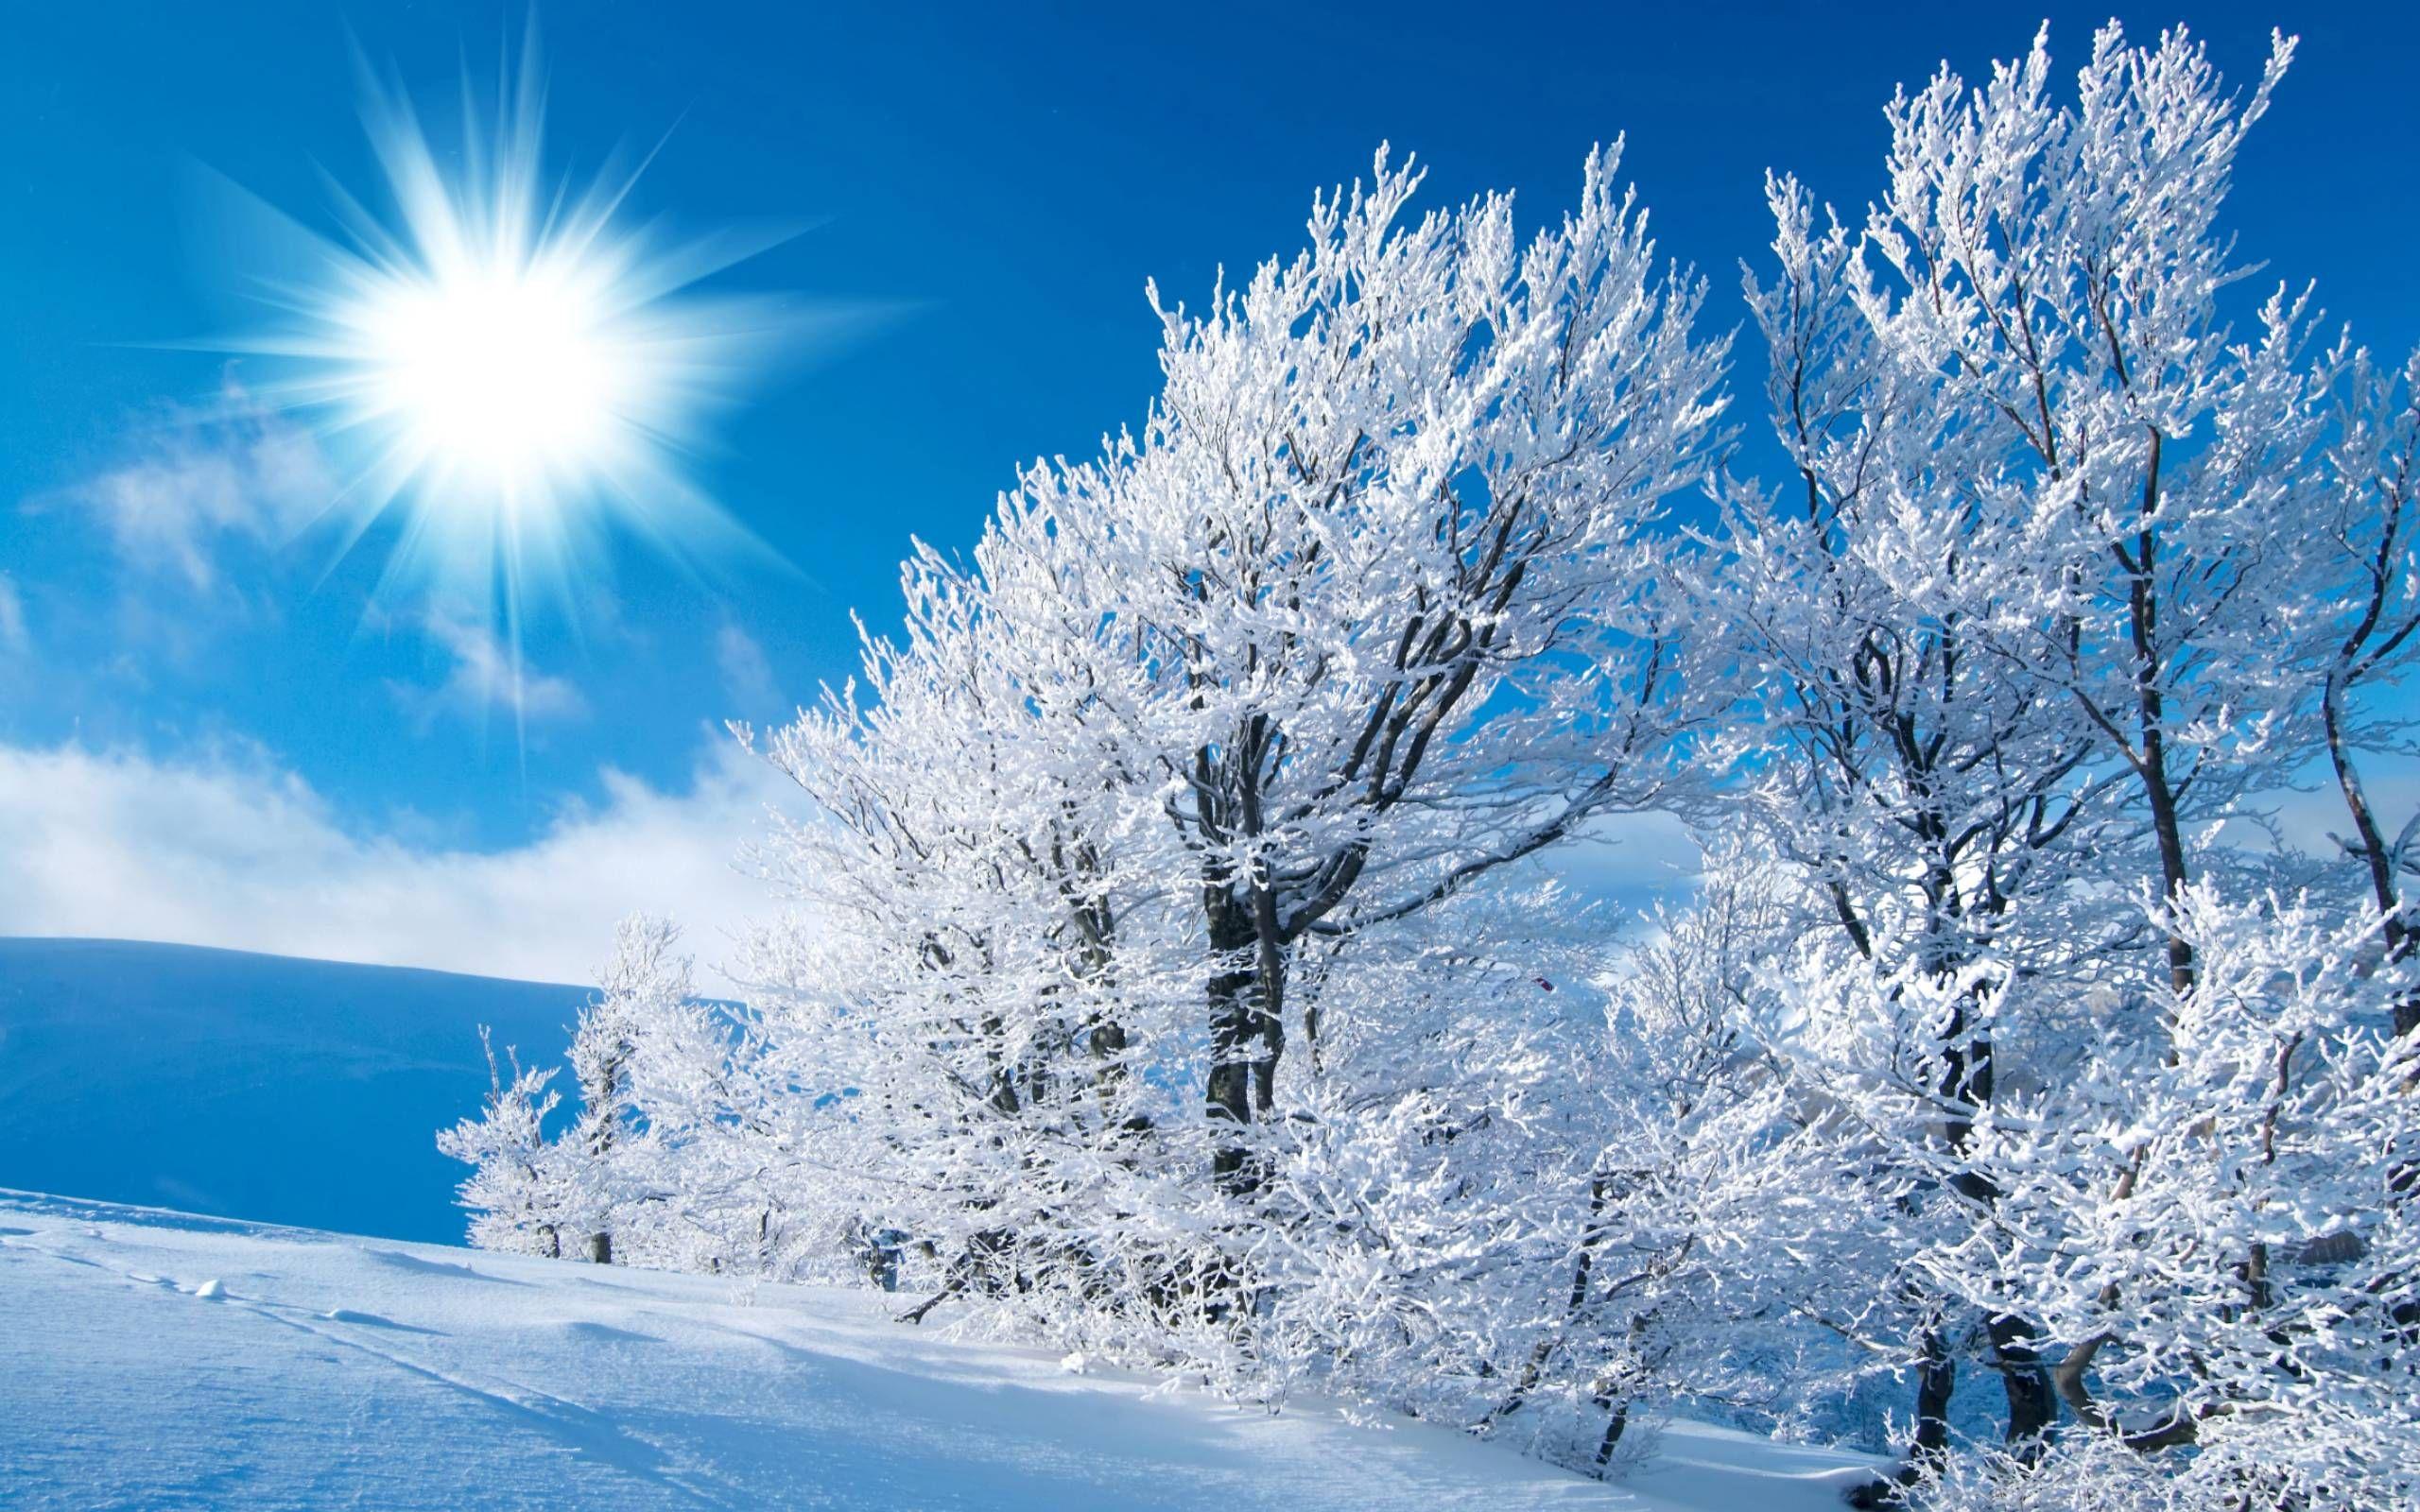 Free Winter Desktop Scenes